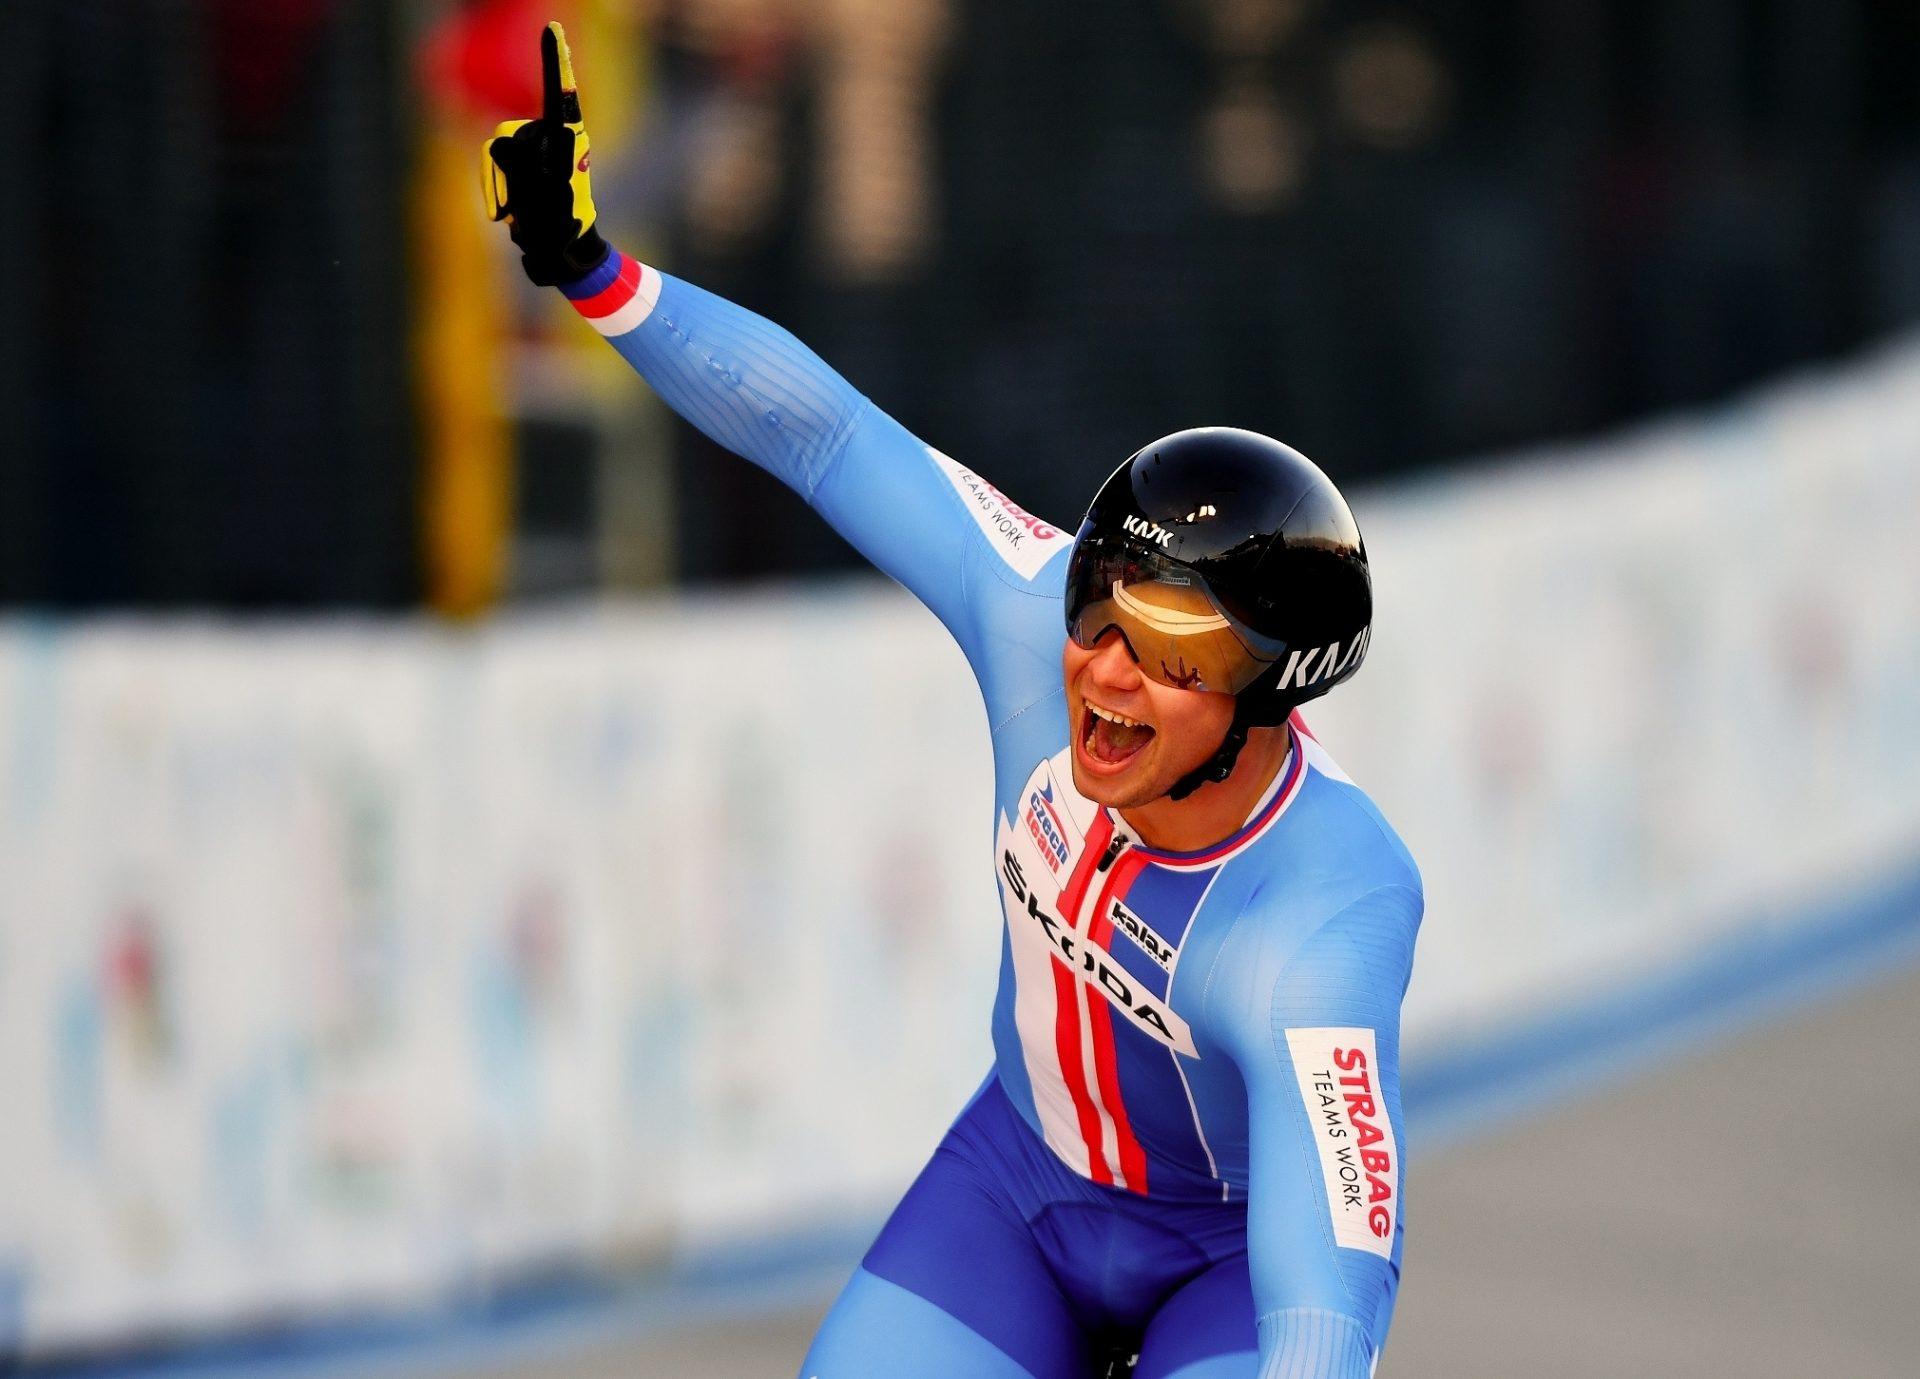 Martin Čechman na mistrovství Evropy do 23 let v Itálii. Foto: Martin Straka